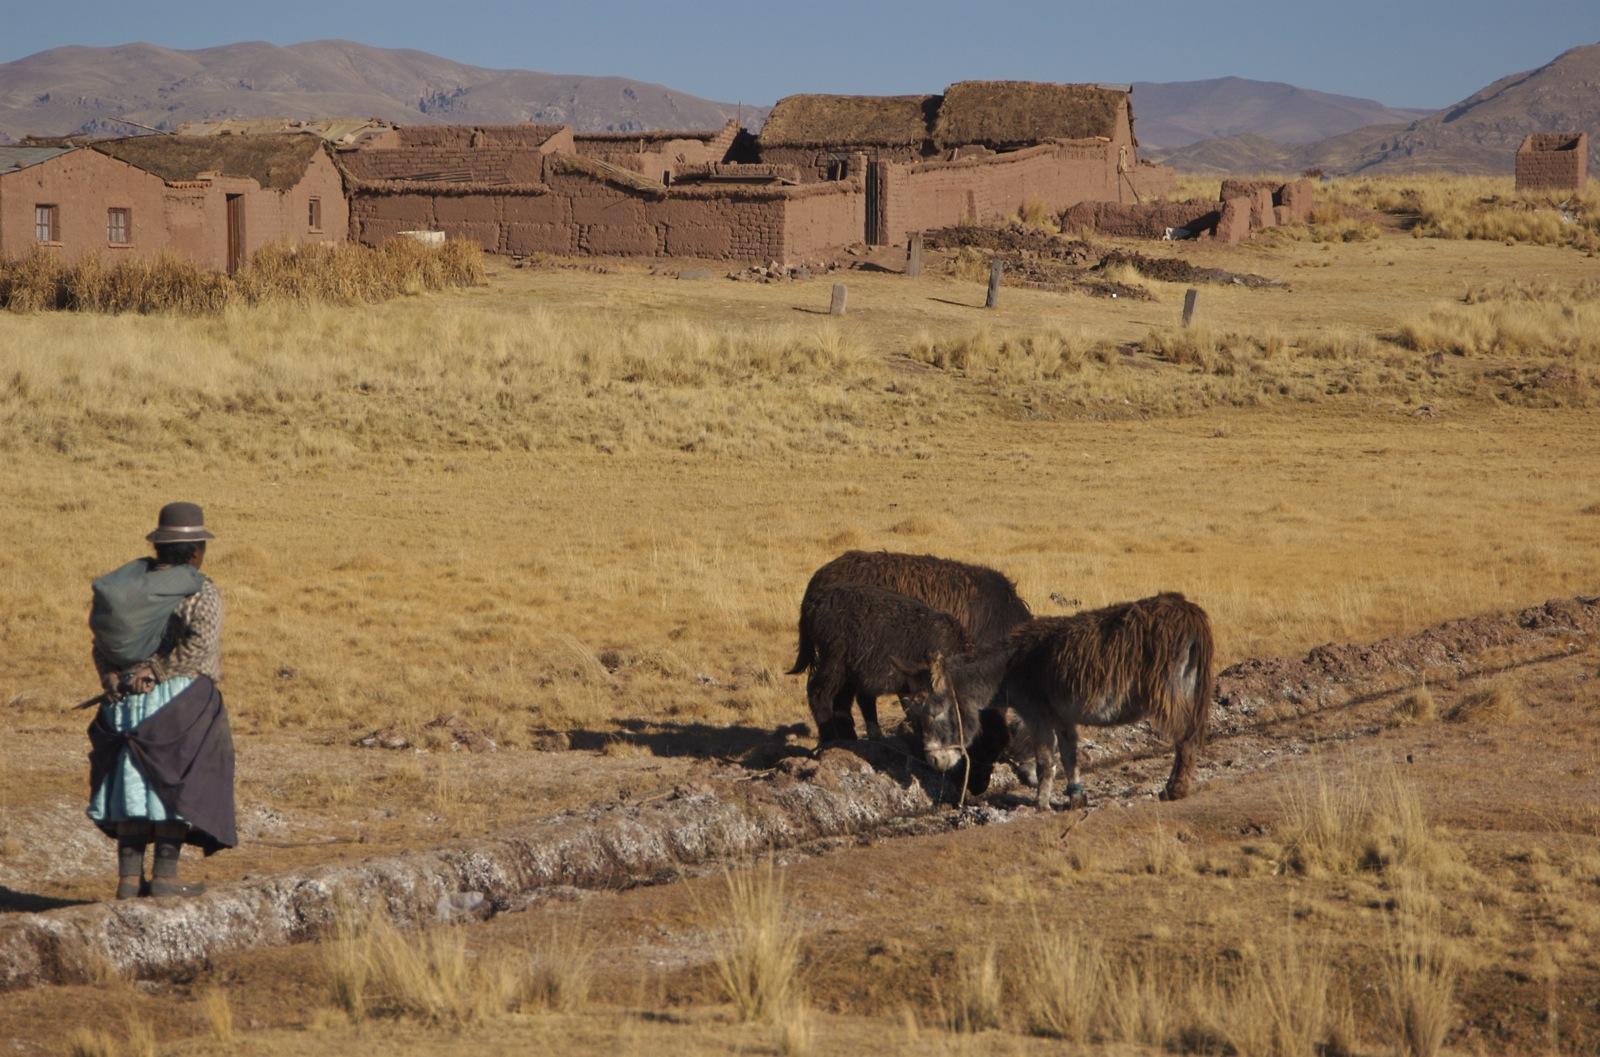 Paisaje en el altiplano boliviano. Autor, A. Davey